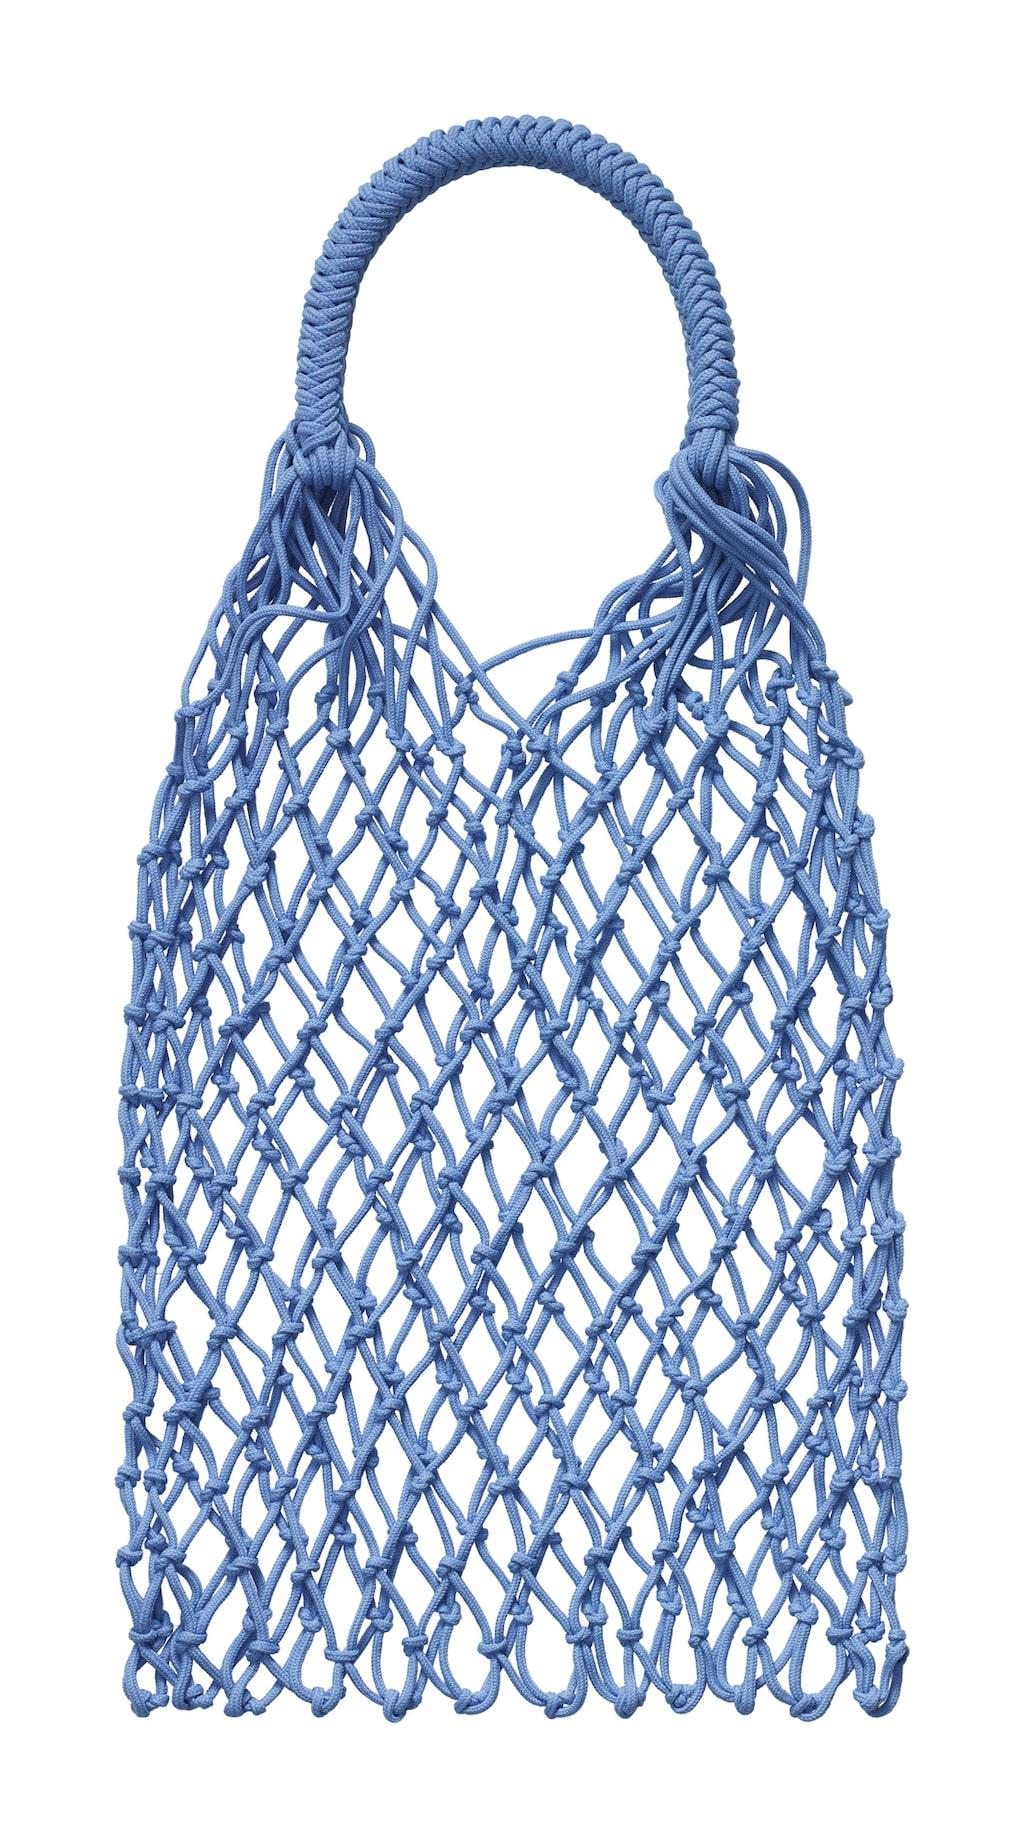 Väskan är gjord av återvunnen plast som man hittat på stränder och i vattendrag.